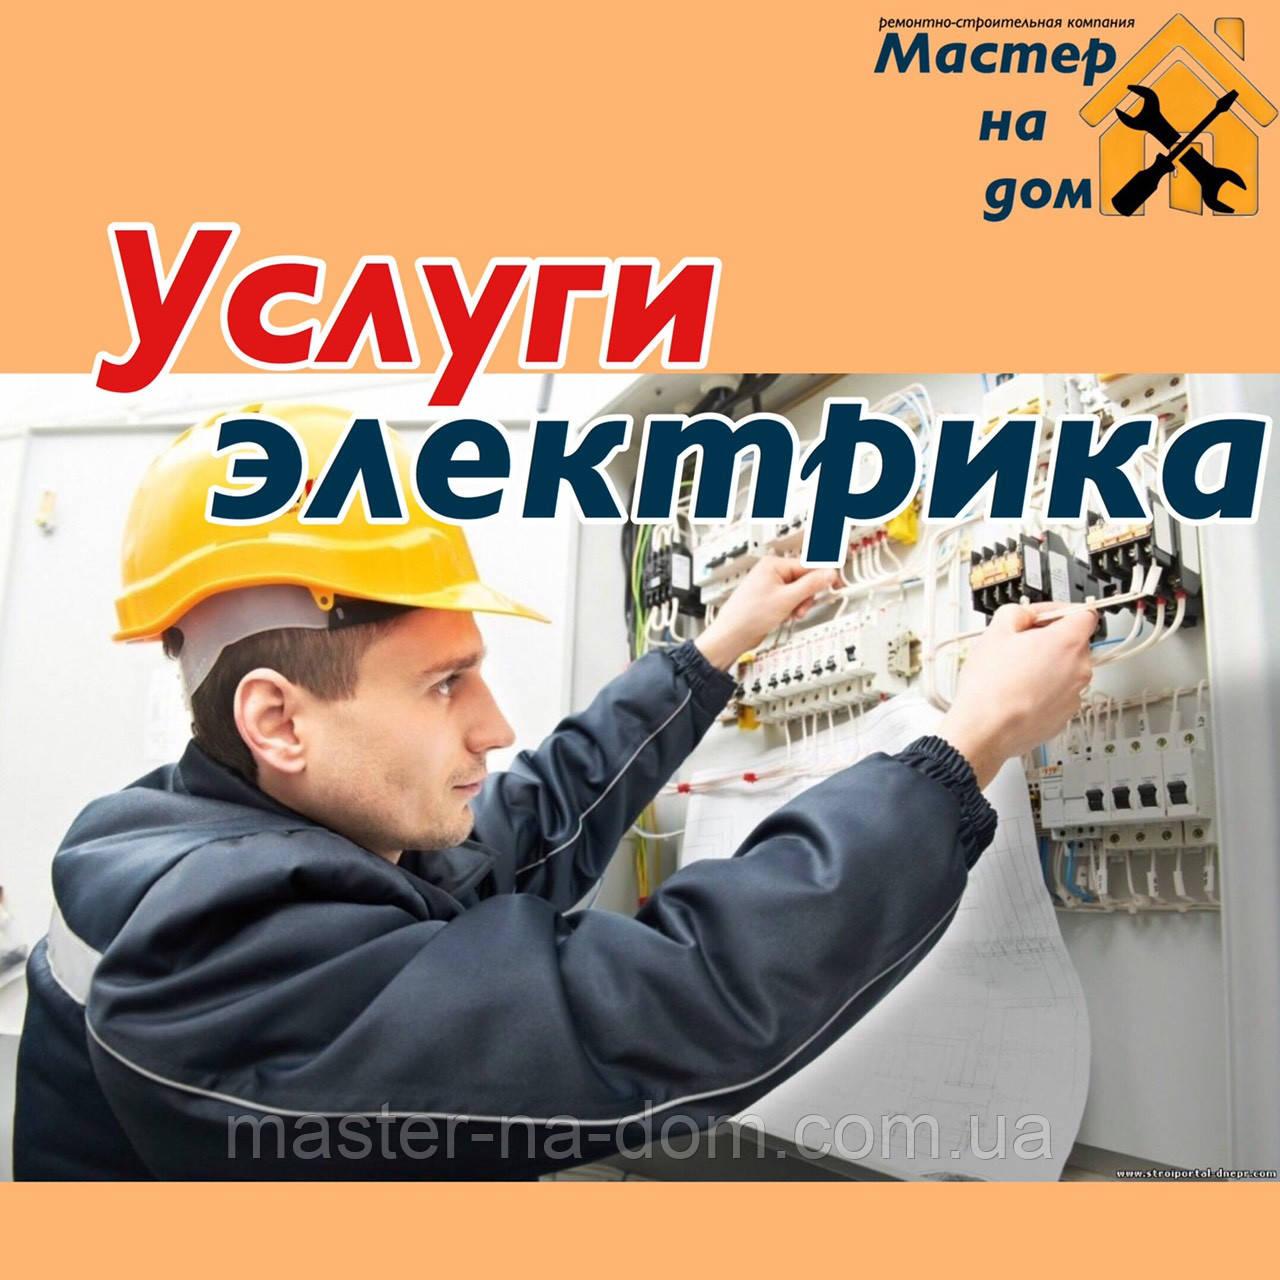 Услуги электрика в Полтаве